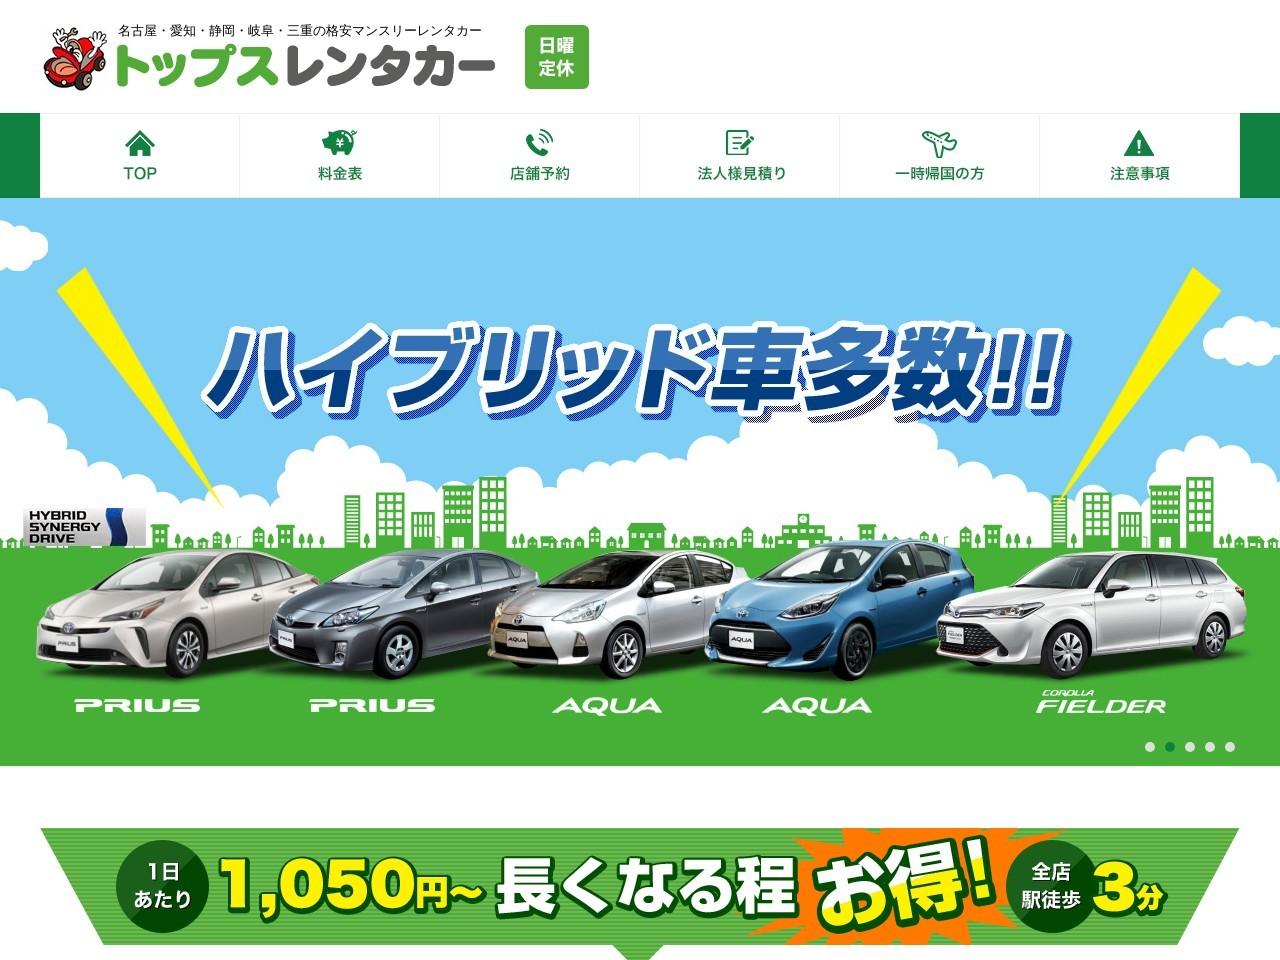 トップスレンタカー名古屋インター店